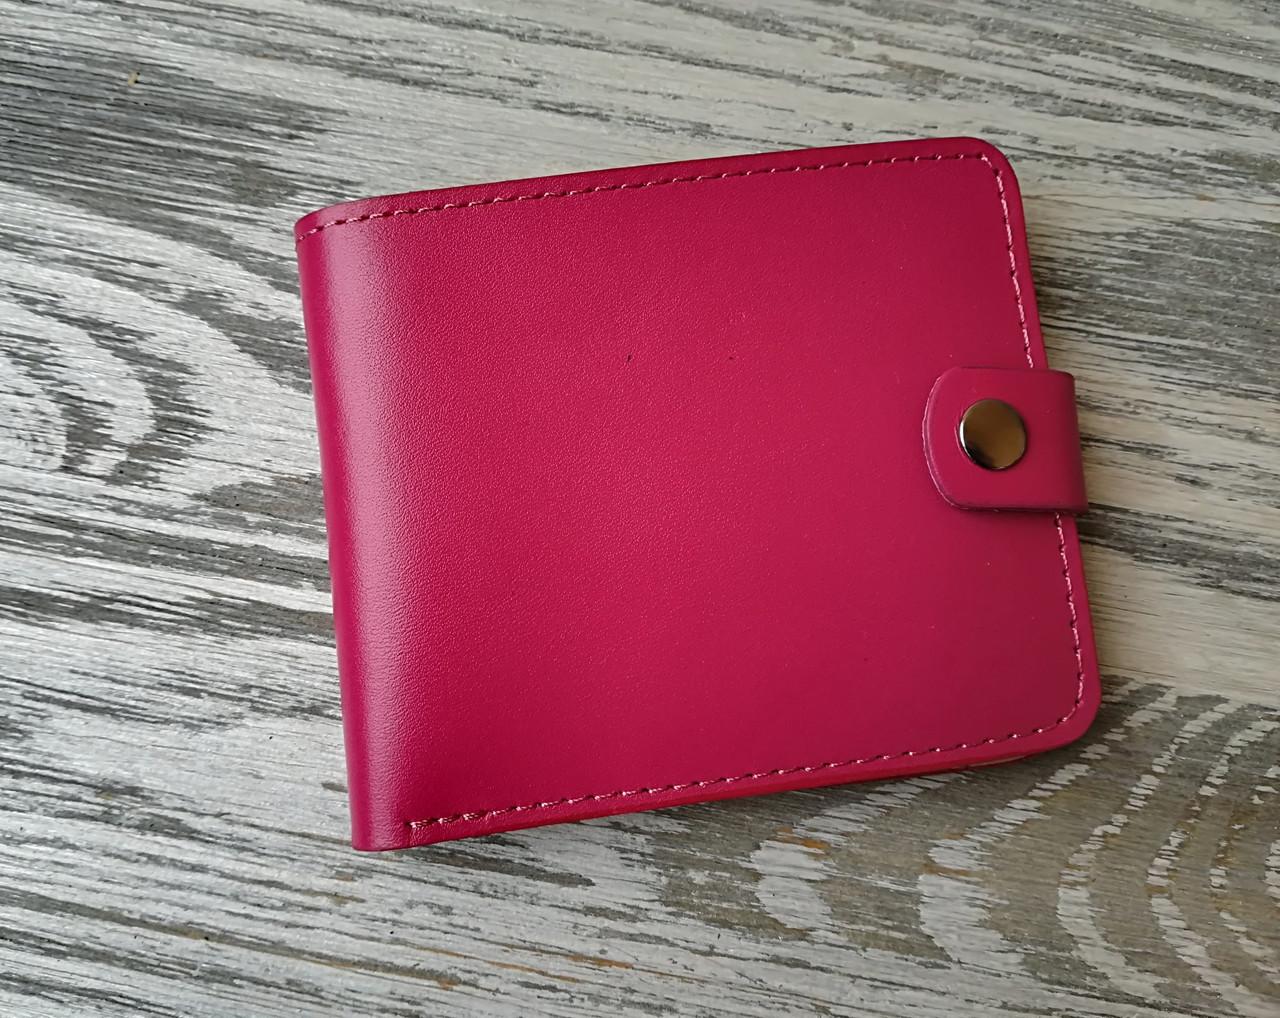 Портмоне цвета фуксии (розовое)  на 1 отделение